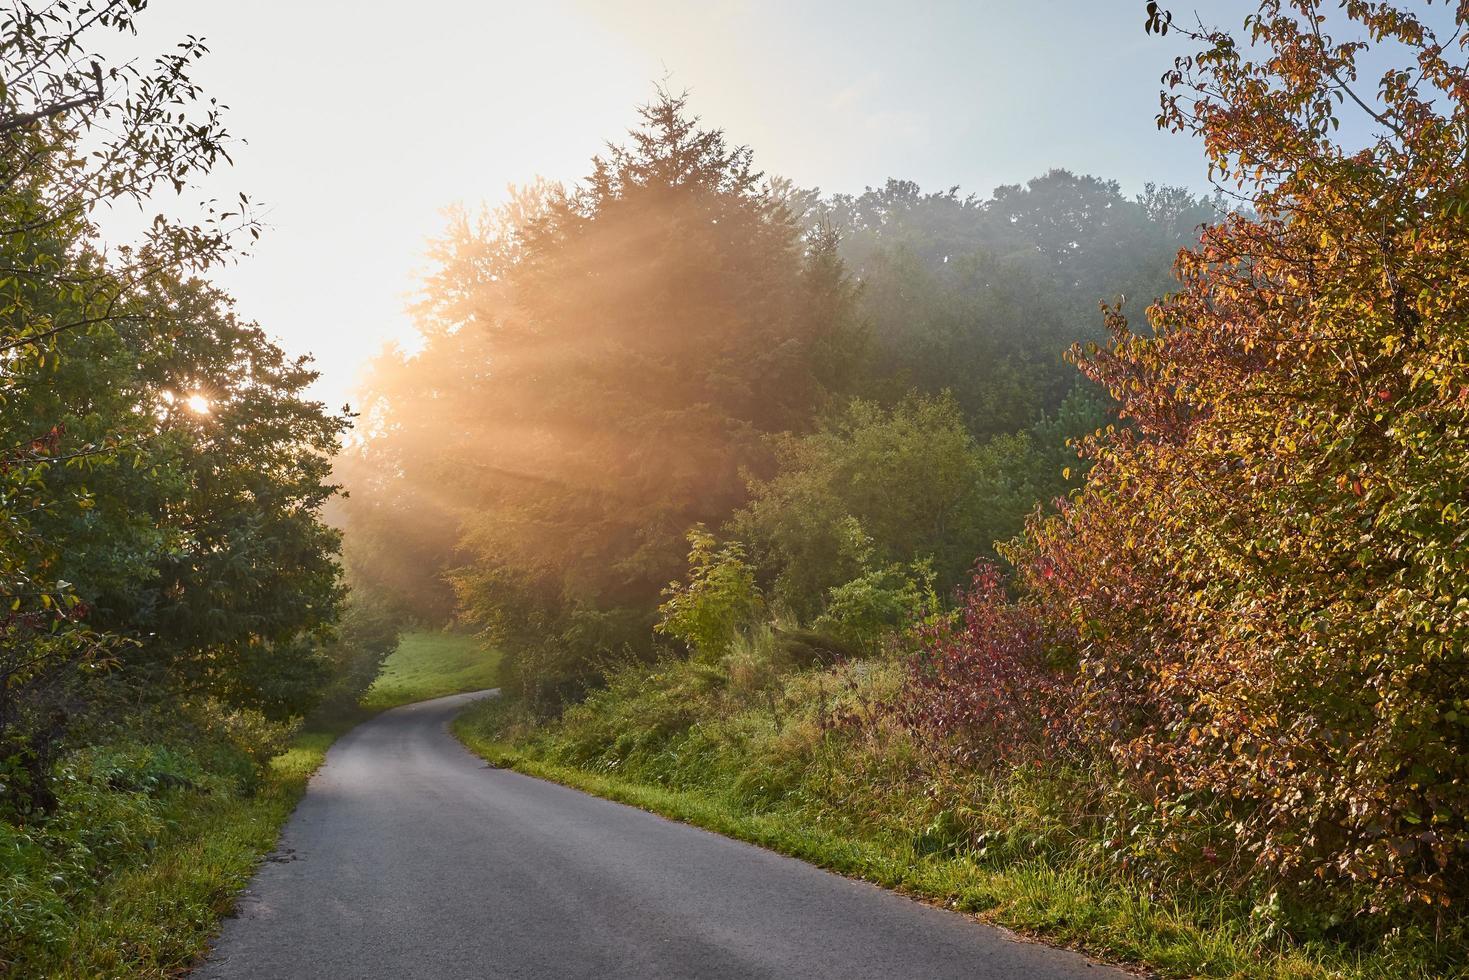 Route goudronnée grise entre les arbres photo